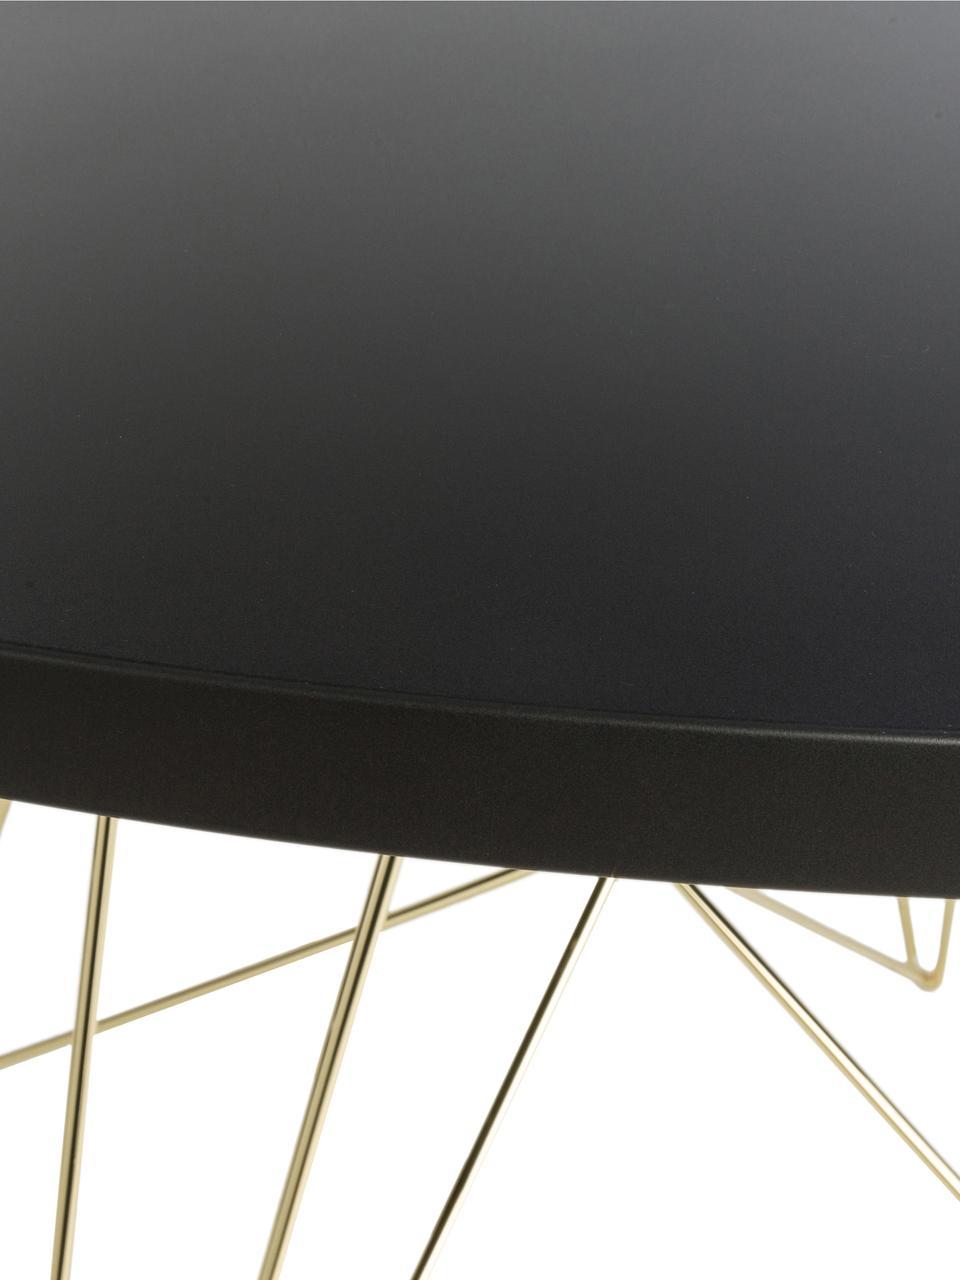 Runder Esstisch XZ3 mit Trestle Beinen, Tischplatte: Mitteldichte Holzfaserpla, Beine: Stahldraht, vermessingt, Messing, Ø 120 x H 74 cm